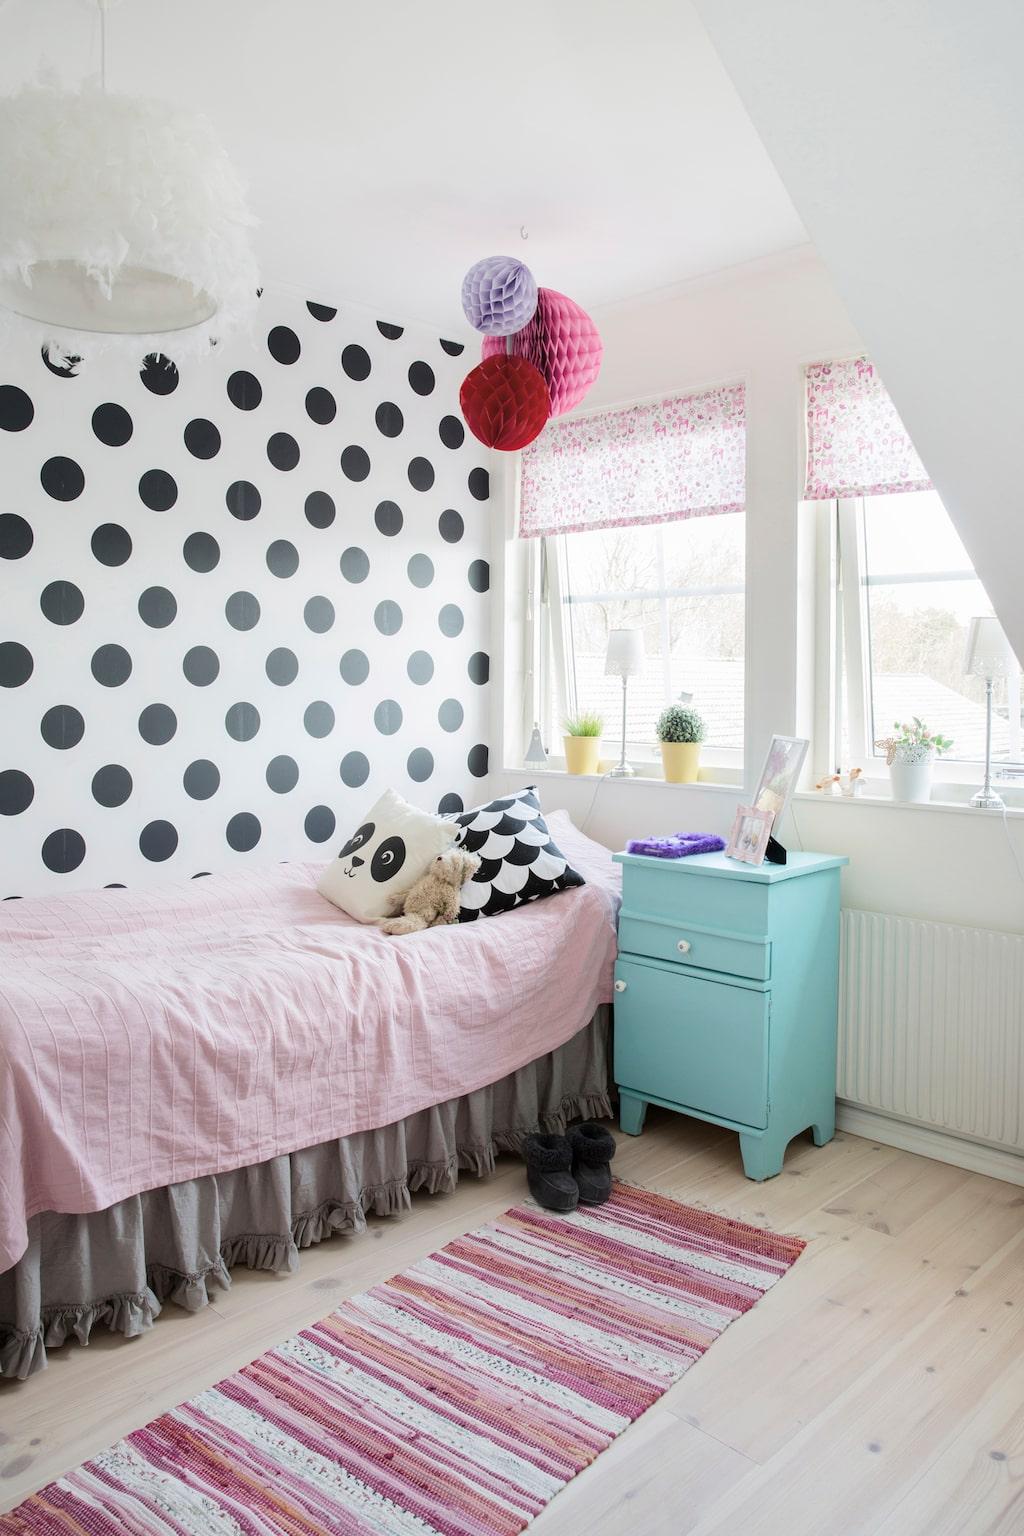 """""""Iris bestämmer själv över sitt rum, det måste hon få göra. Hon tar gärna in mycket färger"""" säger Lindie. Nattduksbordet, fyndat på loppis, är ett exempel på det."""